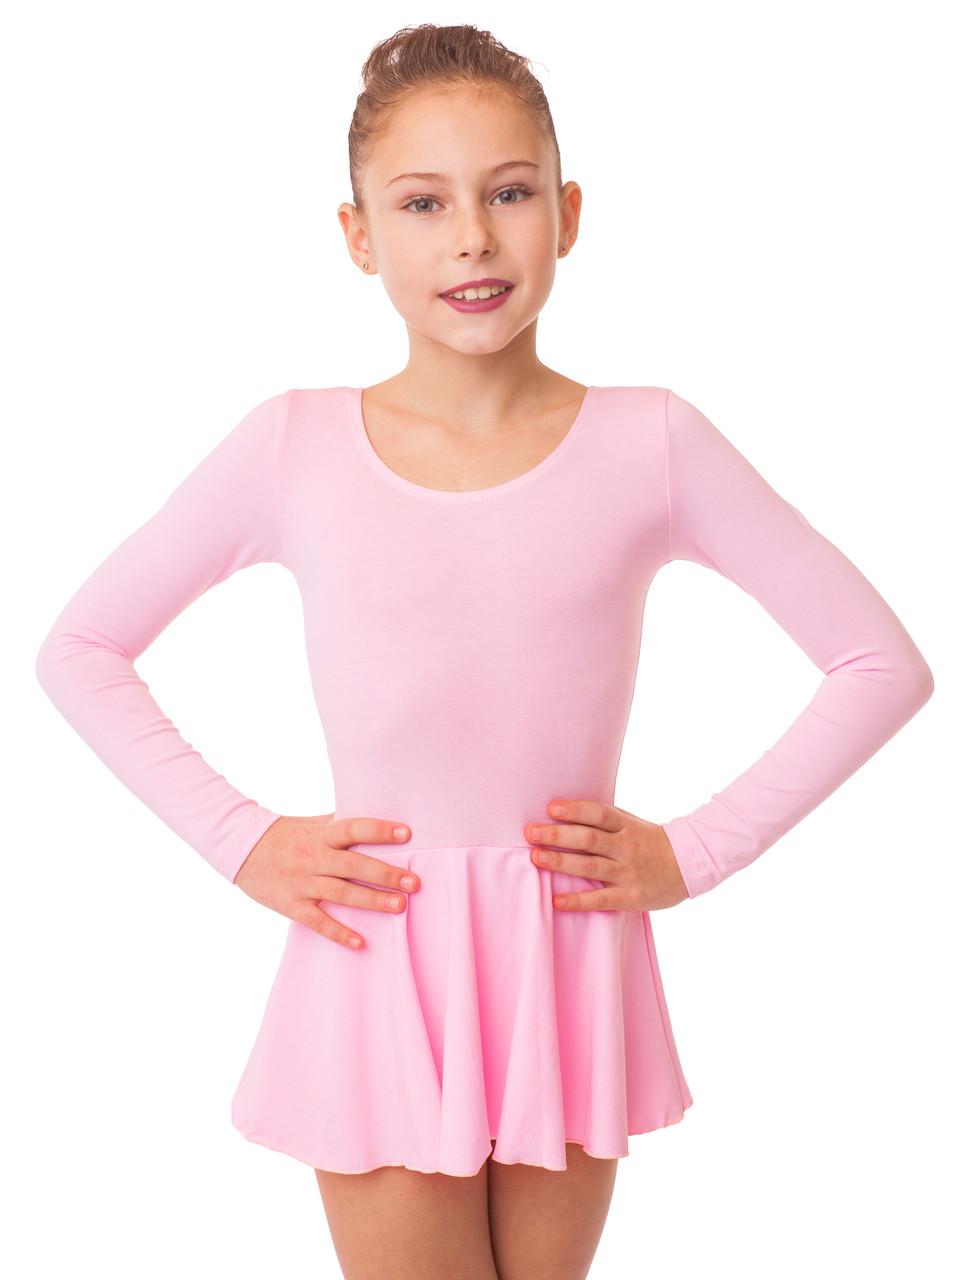 Купальник с юбкой для танцев трикотаж розовый